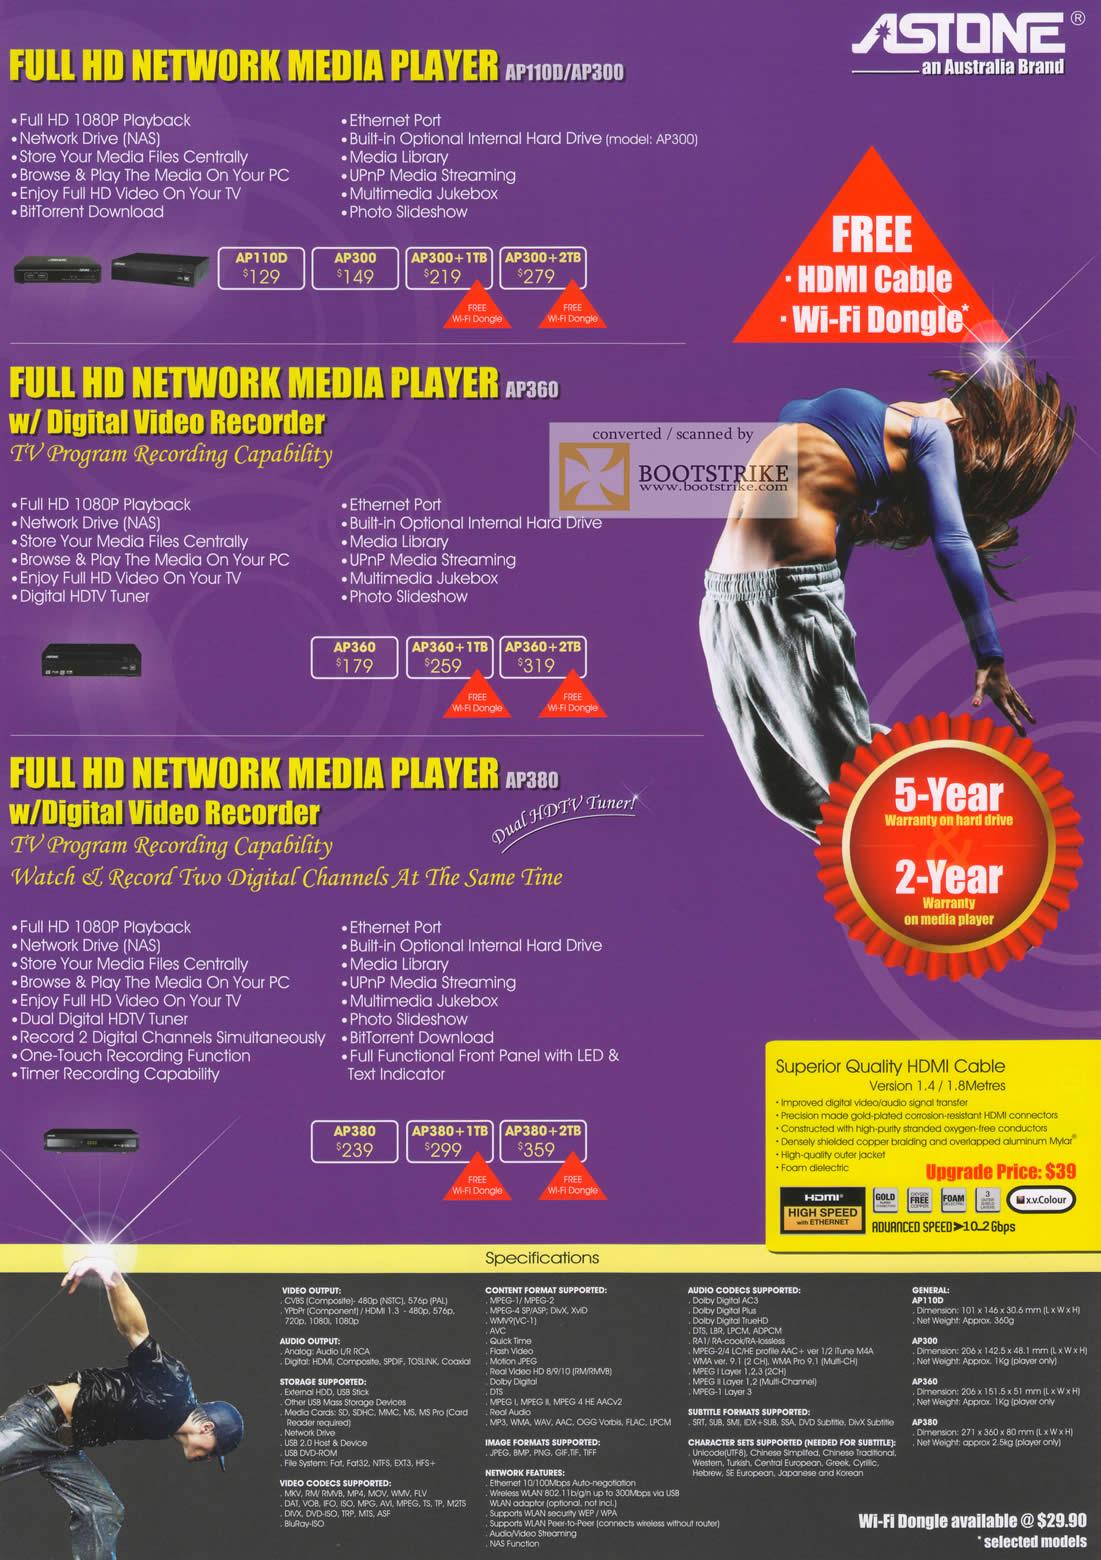 IT Show 2011 price list image brochure of Achieva Media Player AP110D AP300 AP360 AP380 Specifications